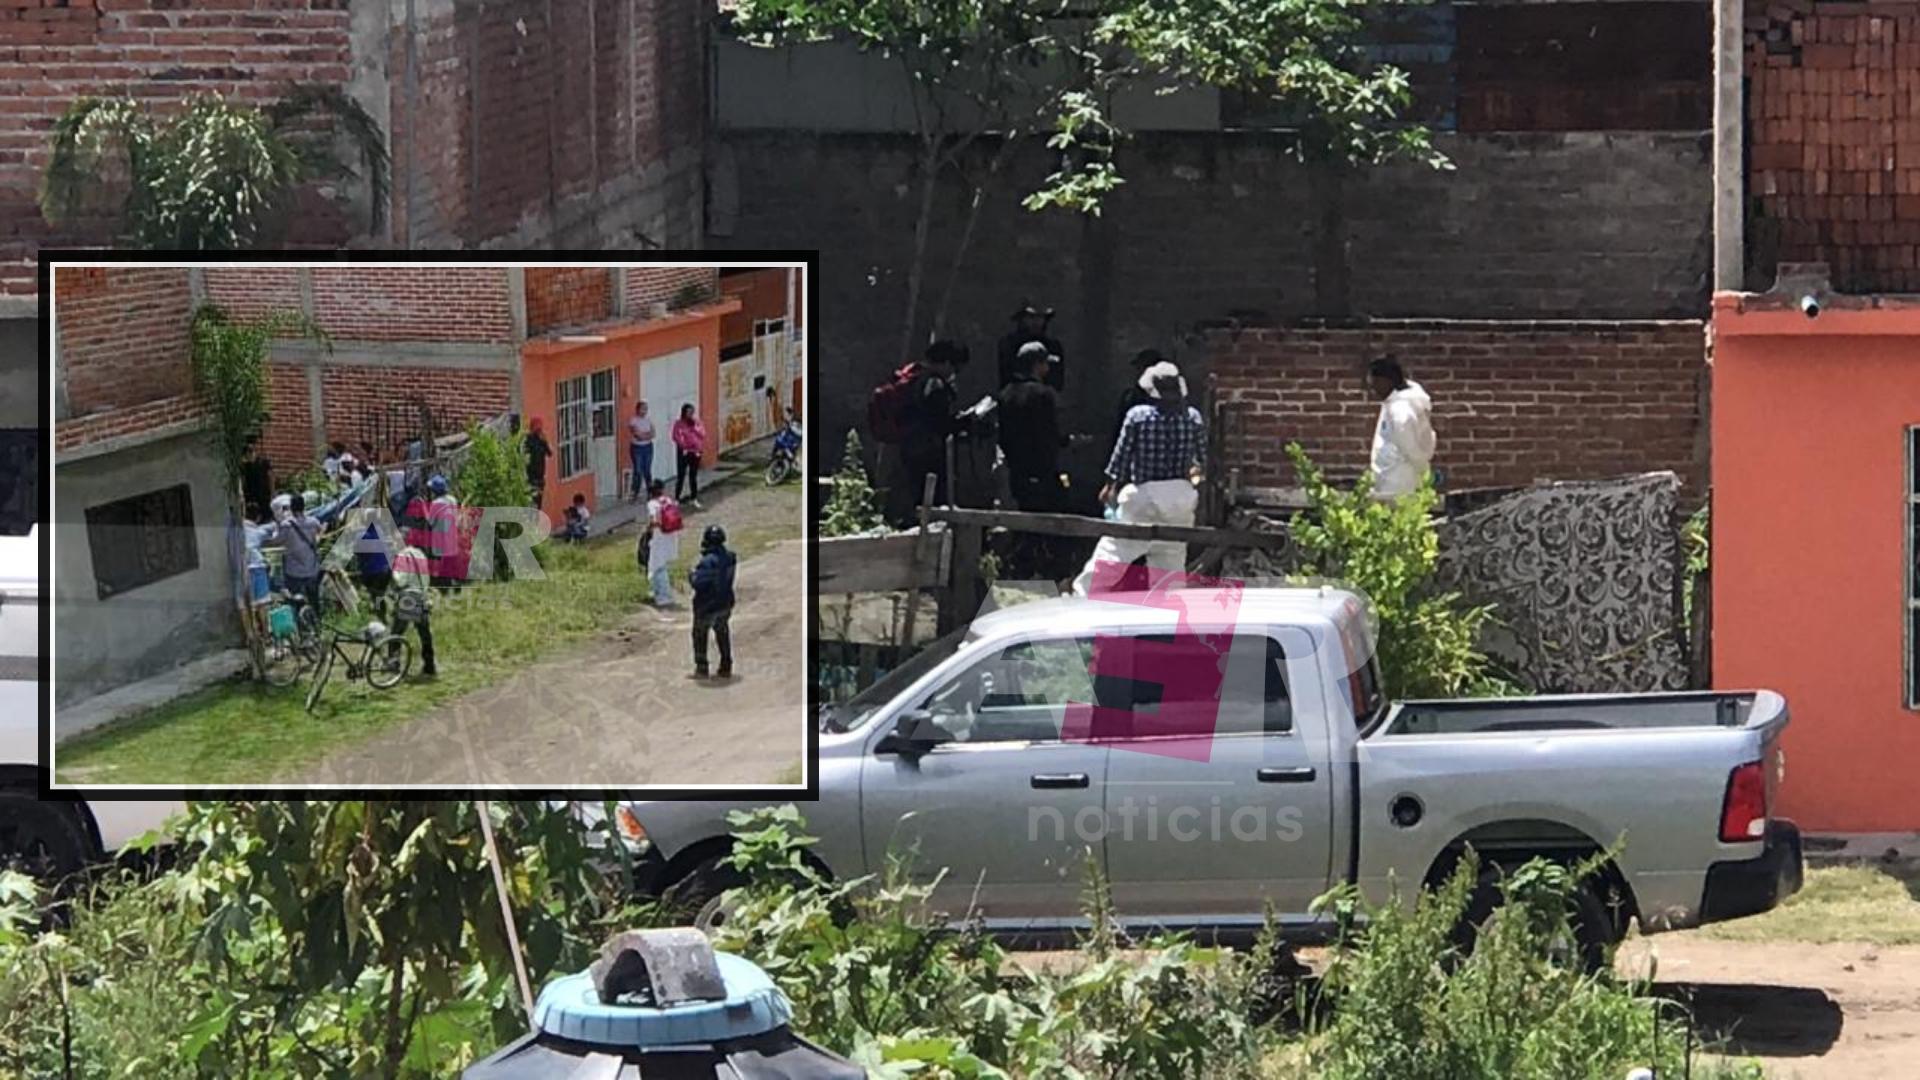 Buscan más restos corpóreos en La Comunal, Interviene FGE y colectivos de búsqueda 1